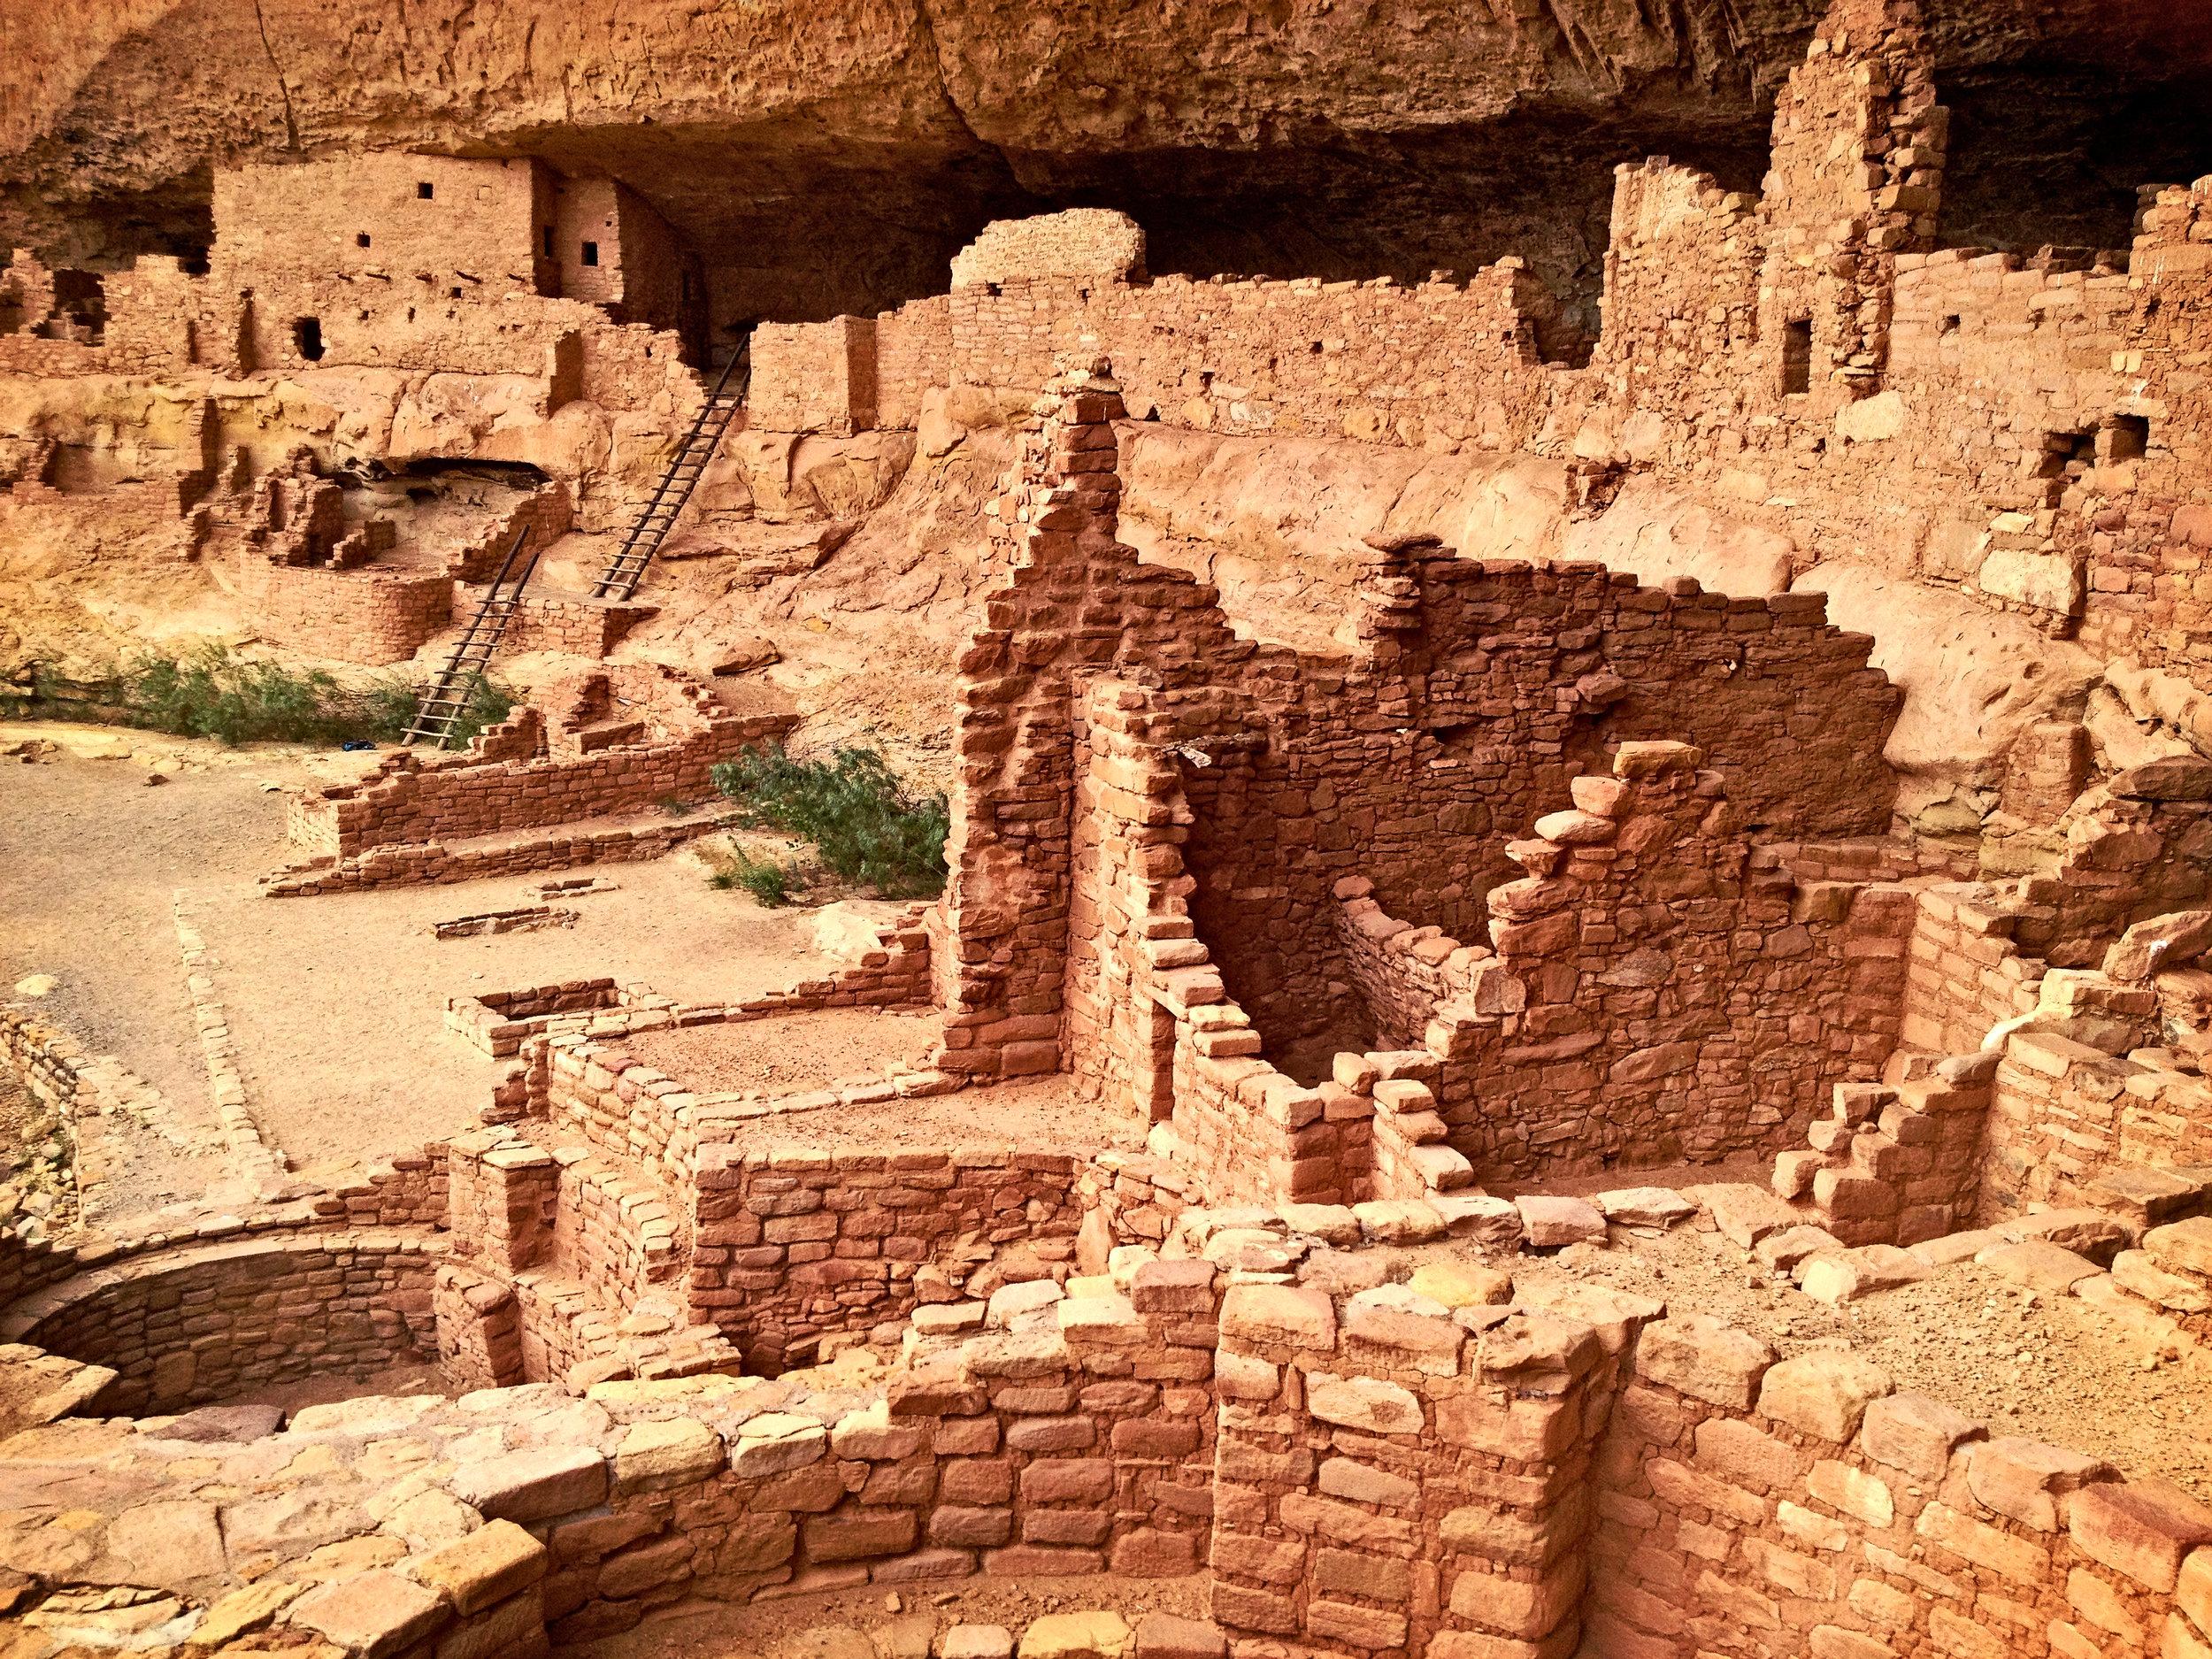 Mesa Verde - En este parque nacional visitaremos las ruinas del pueblo Anasasi en los acantilados de un cañon.